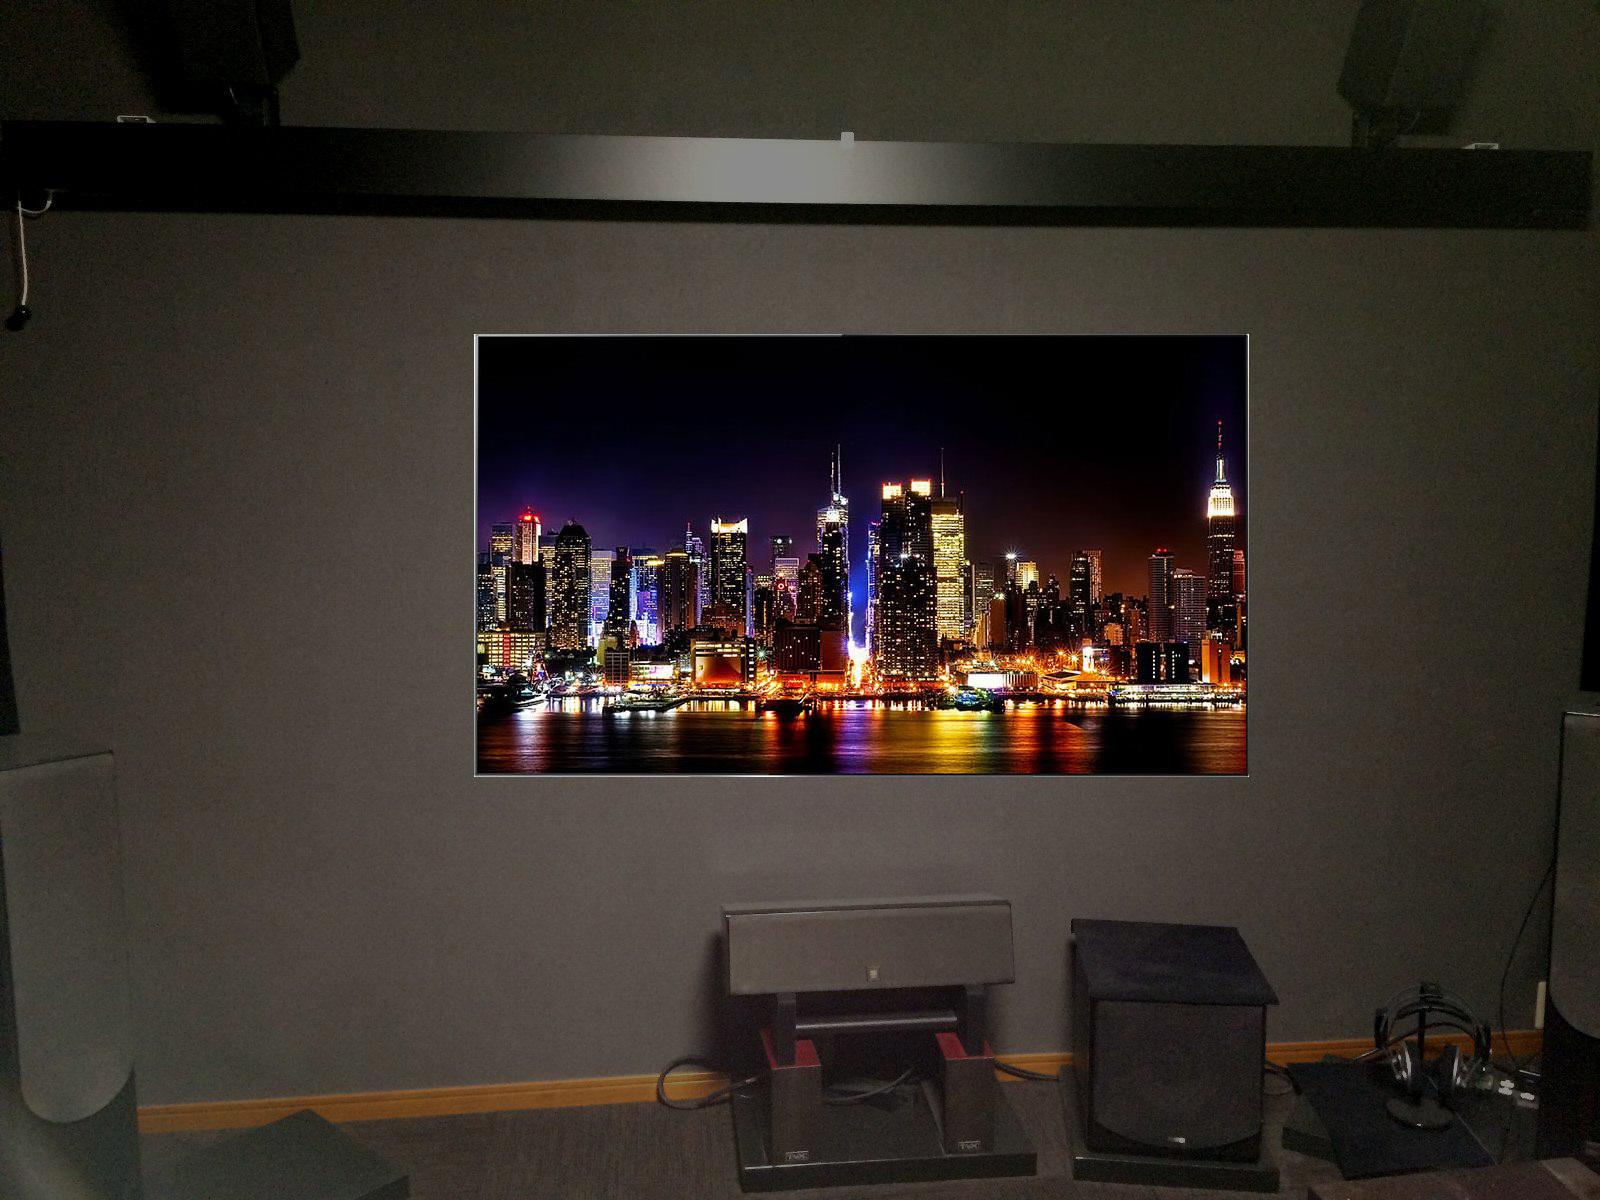 スクリーン上げたところに大型有機ELテレビ